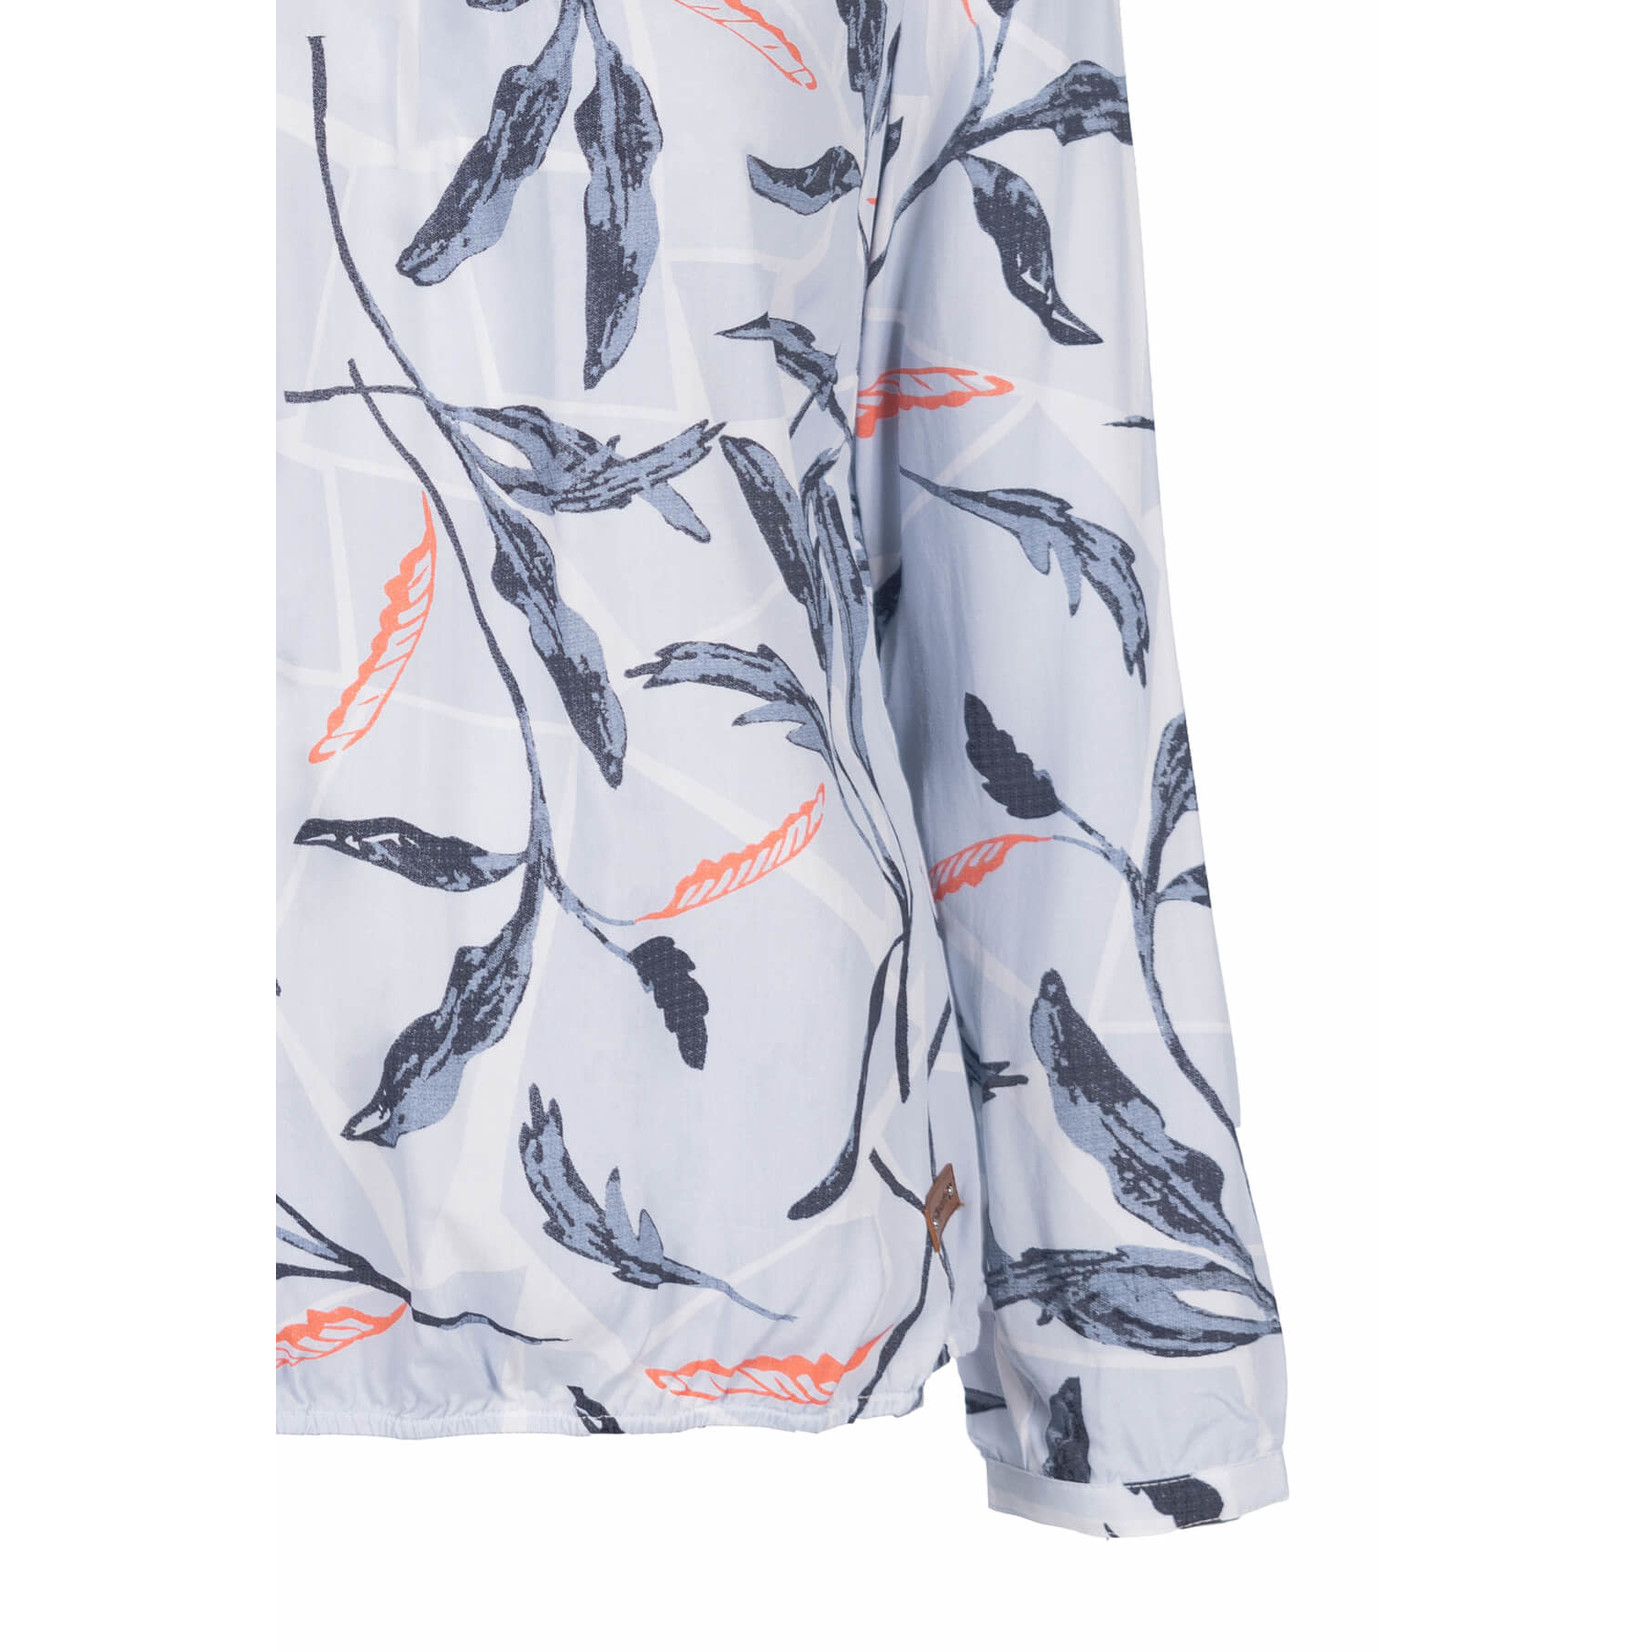 Soquesto Soquesto bluse 6160-501807 shale grey